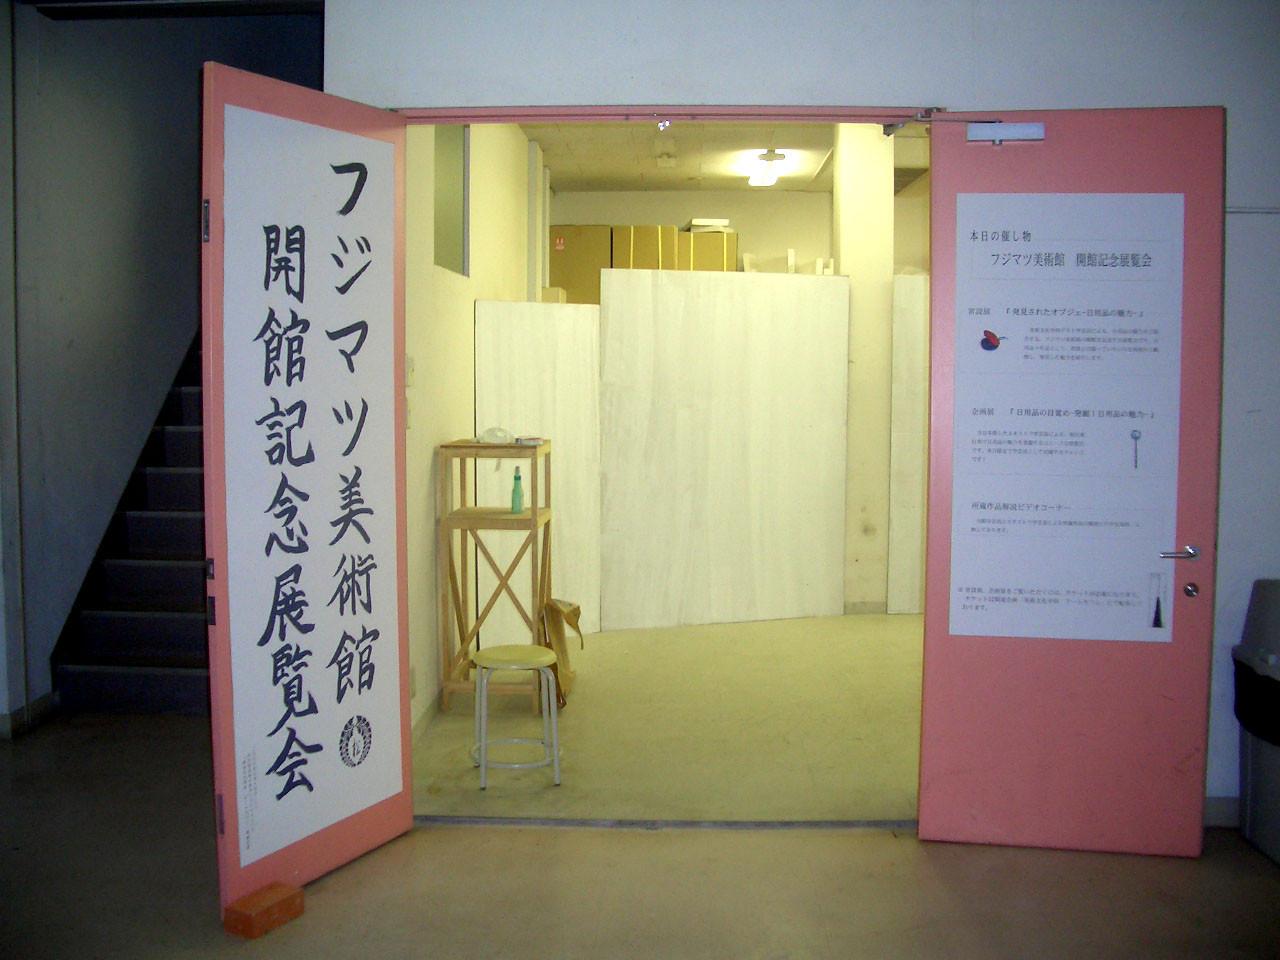 2006年『フジマツ美術館開館記念展覧会』